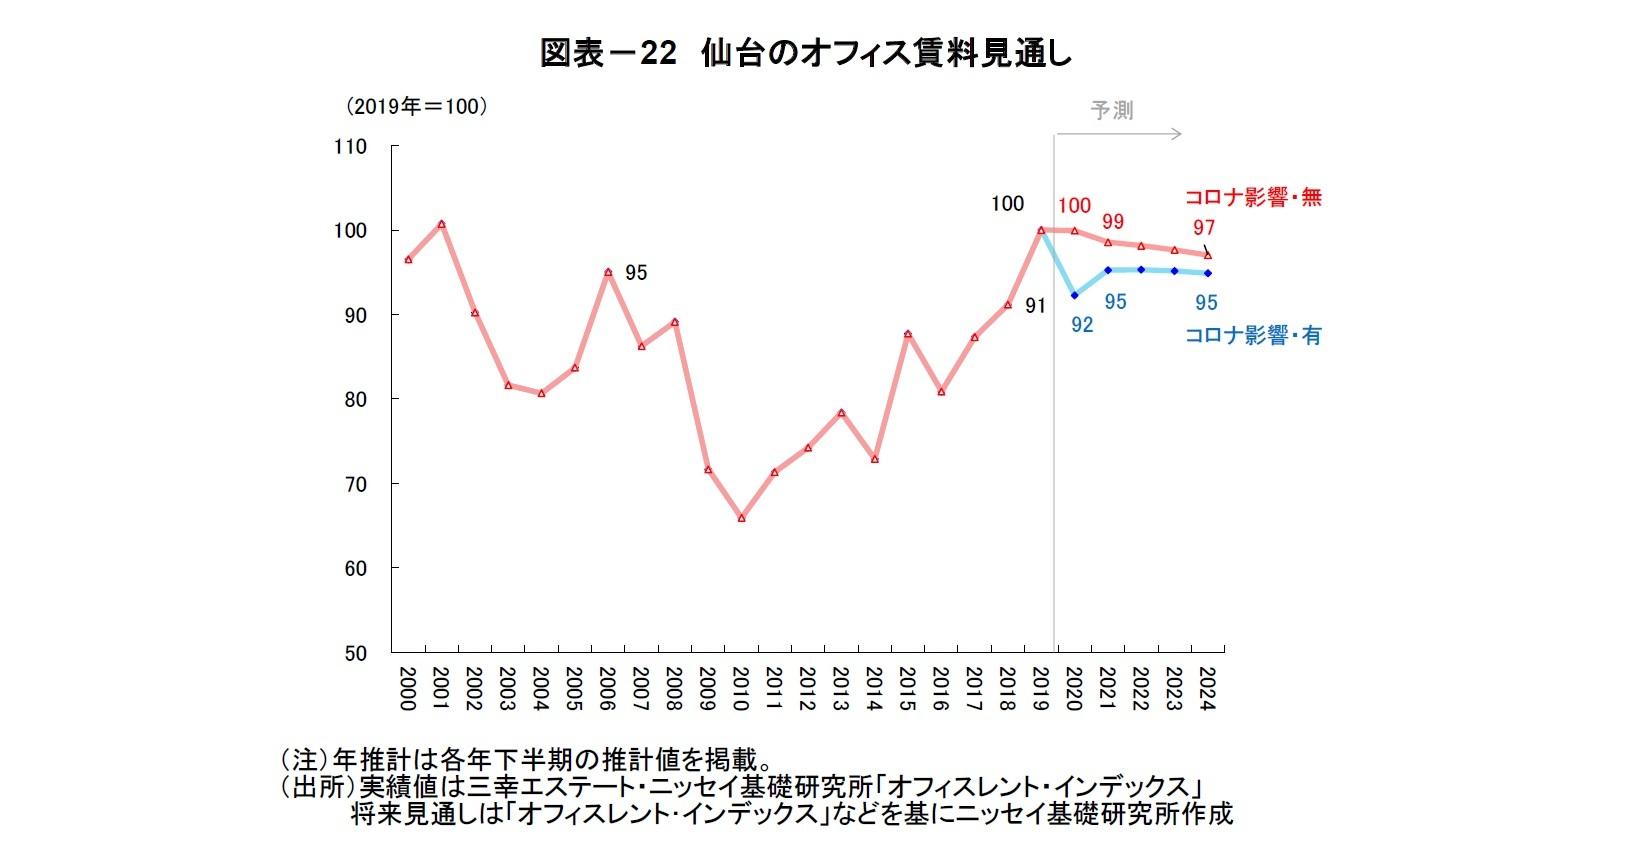 図表-22 仙台のオフィス賃料見通し